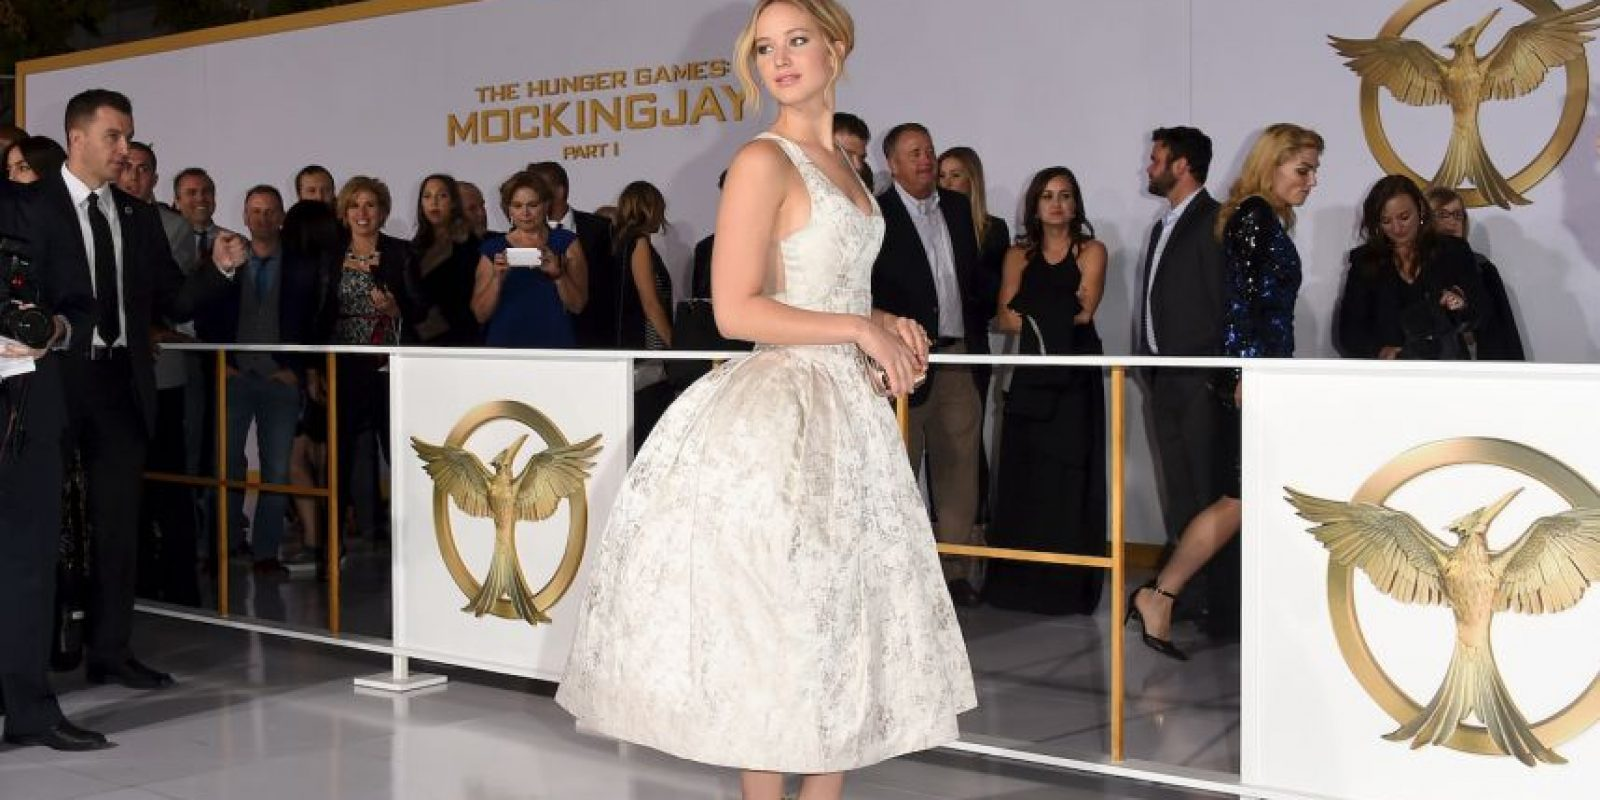 """Los trabajos de Lawrence la han llevado a ser definida, por la revista Rolling Stone, como """"la actriz juvenil más talentosa de Estados Unidos"""" Foto:Getty Images"""